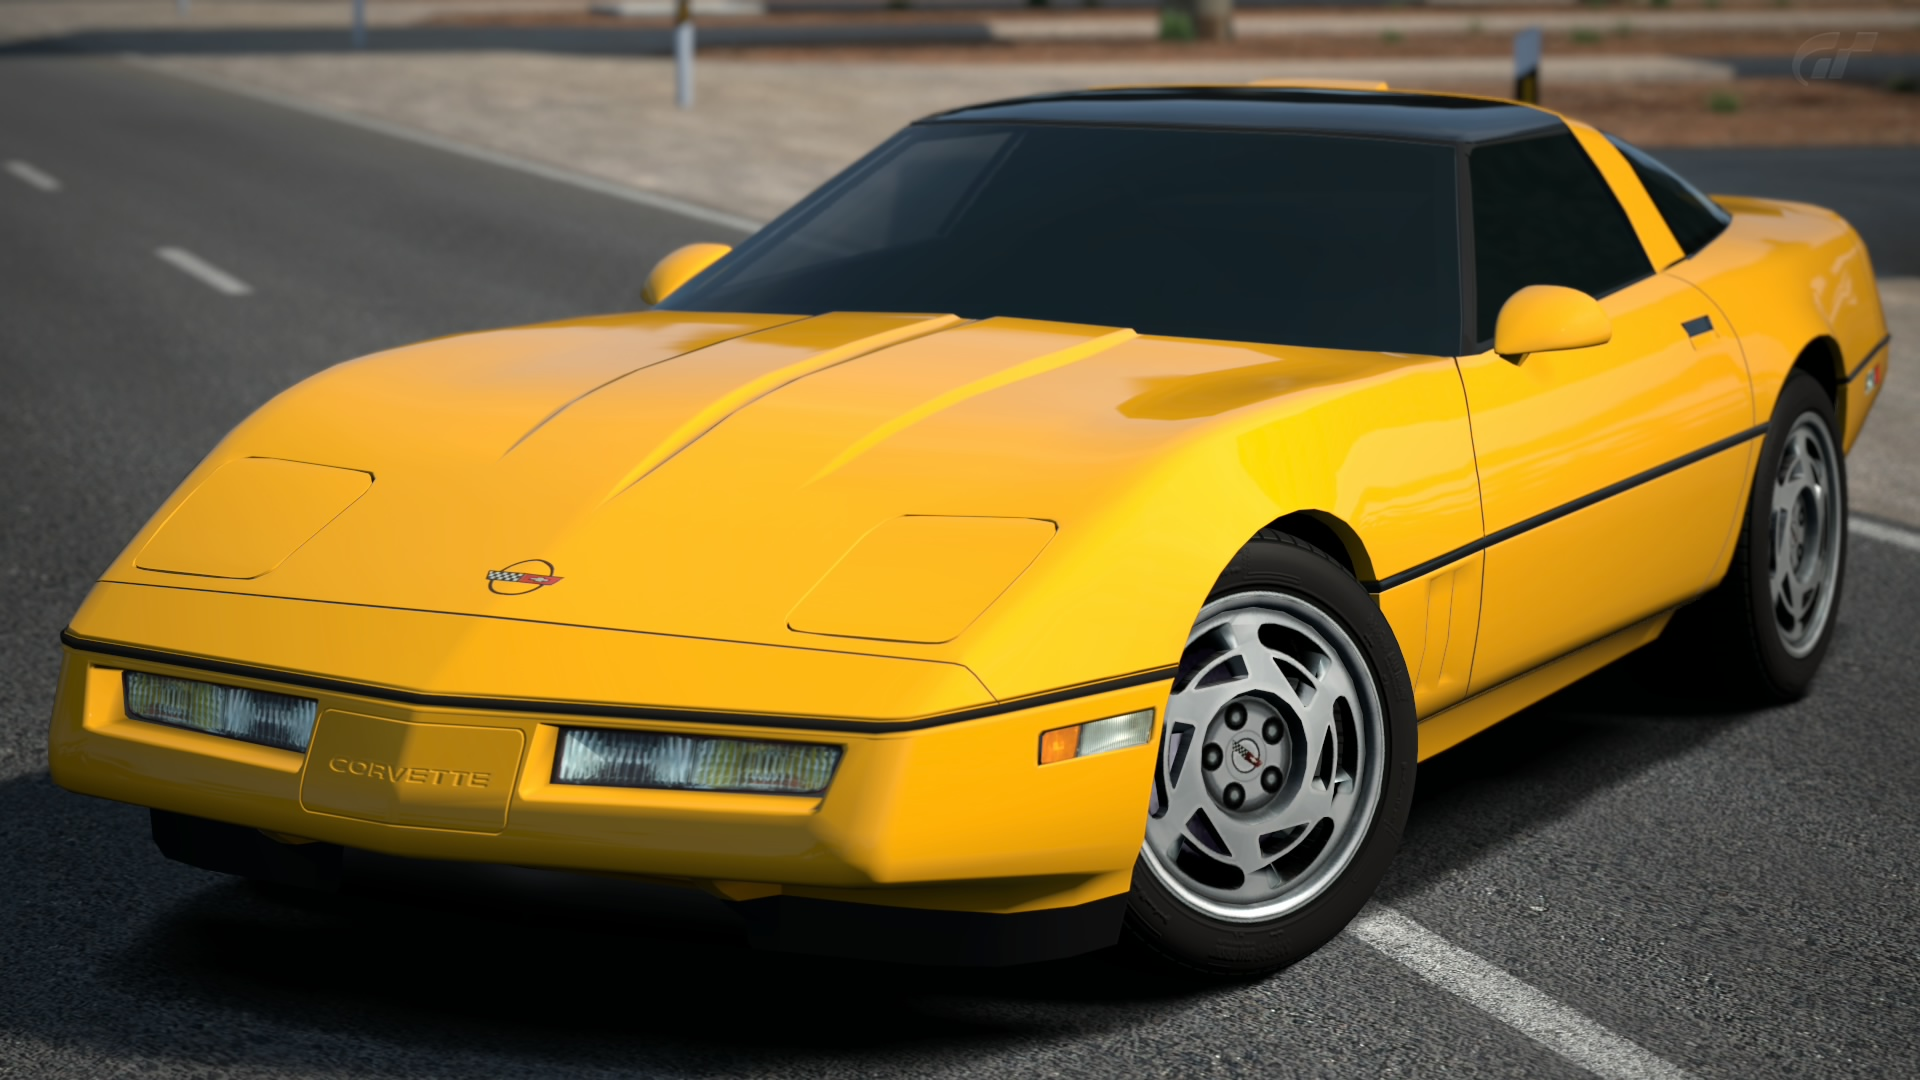 Kelebihan Kekurangan Corvette C4 Harga